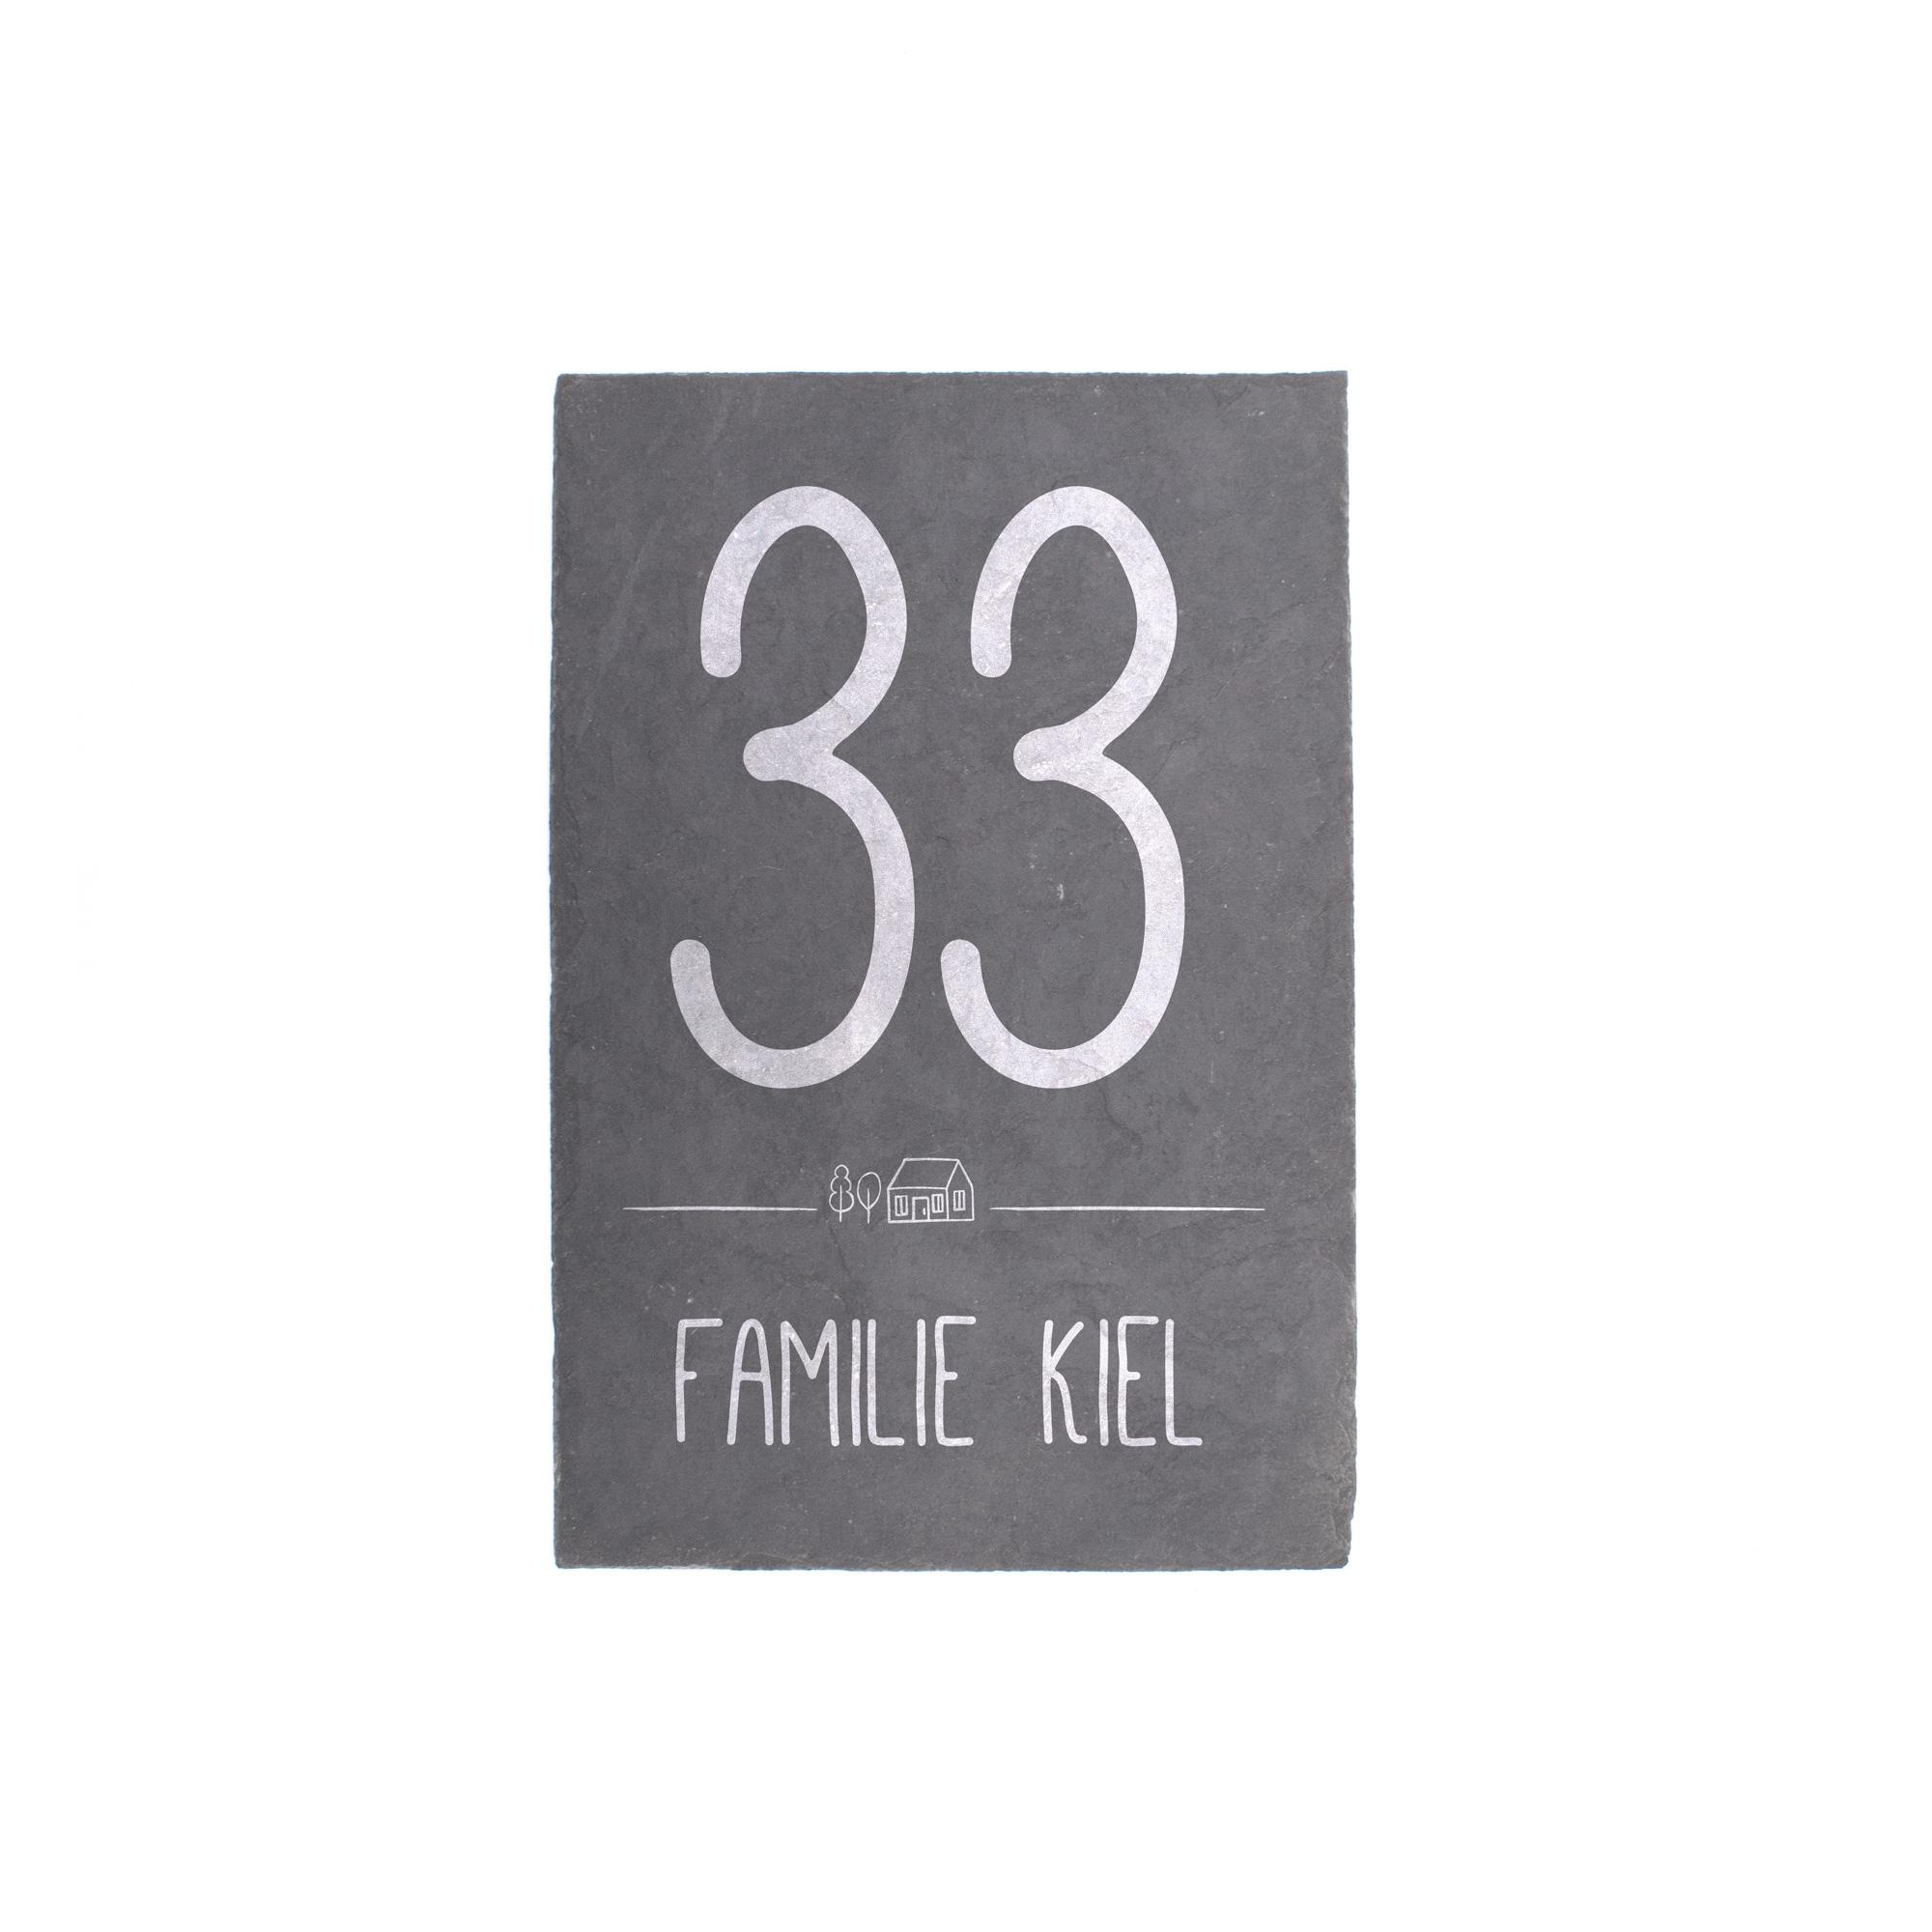 Persönliches Türschild aus Schieferplatte mit Hausnummer und Familiennamen graviert in schönem Design, frontal